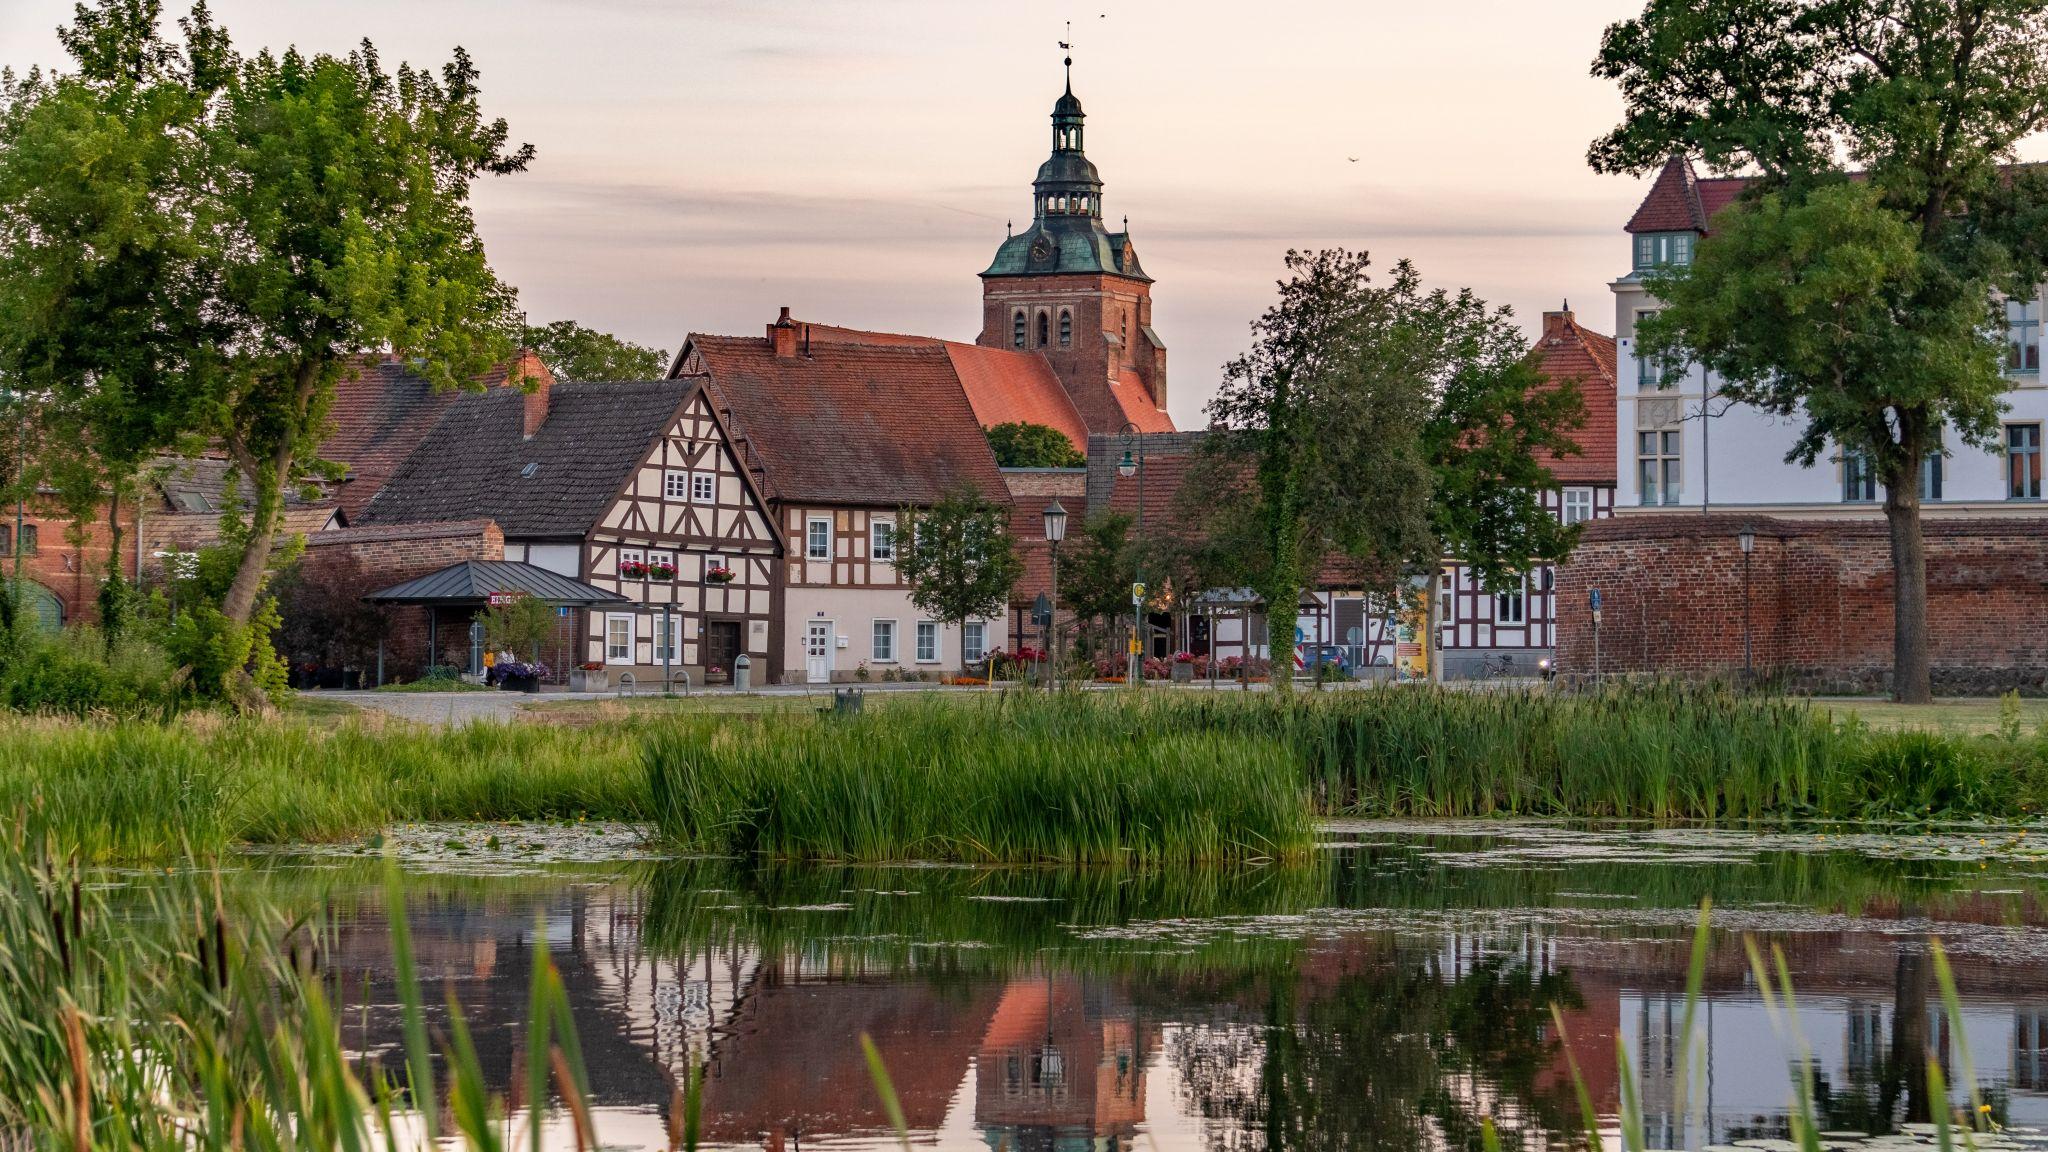 Wittstock, Germany